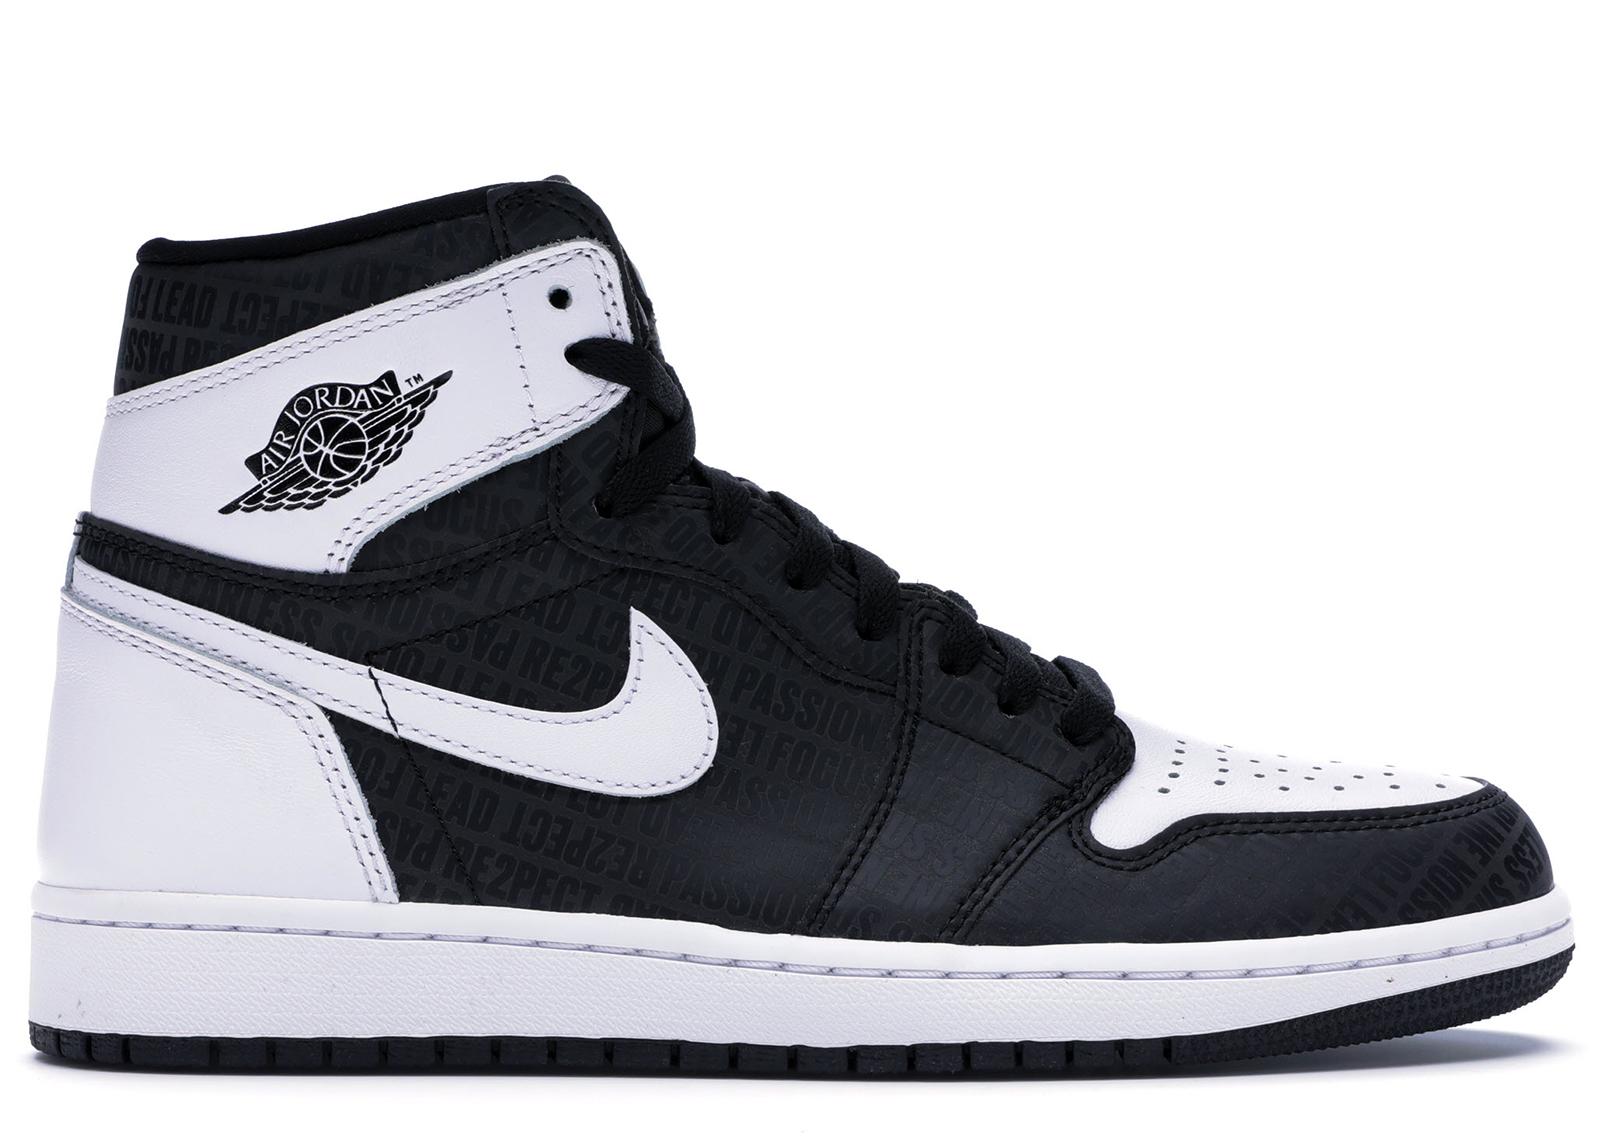 2017 Nike Air Jordan 1 OG size 13 Re2pect Derek Jeter Black White 555088-008